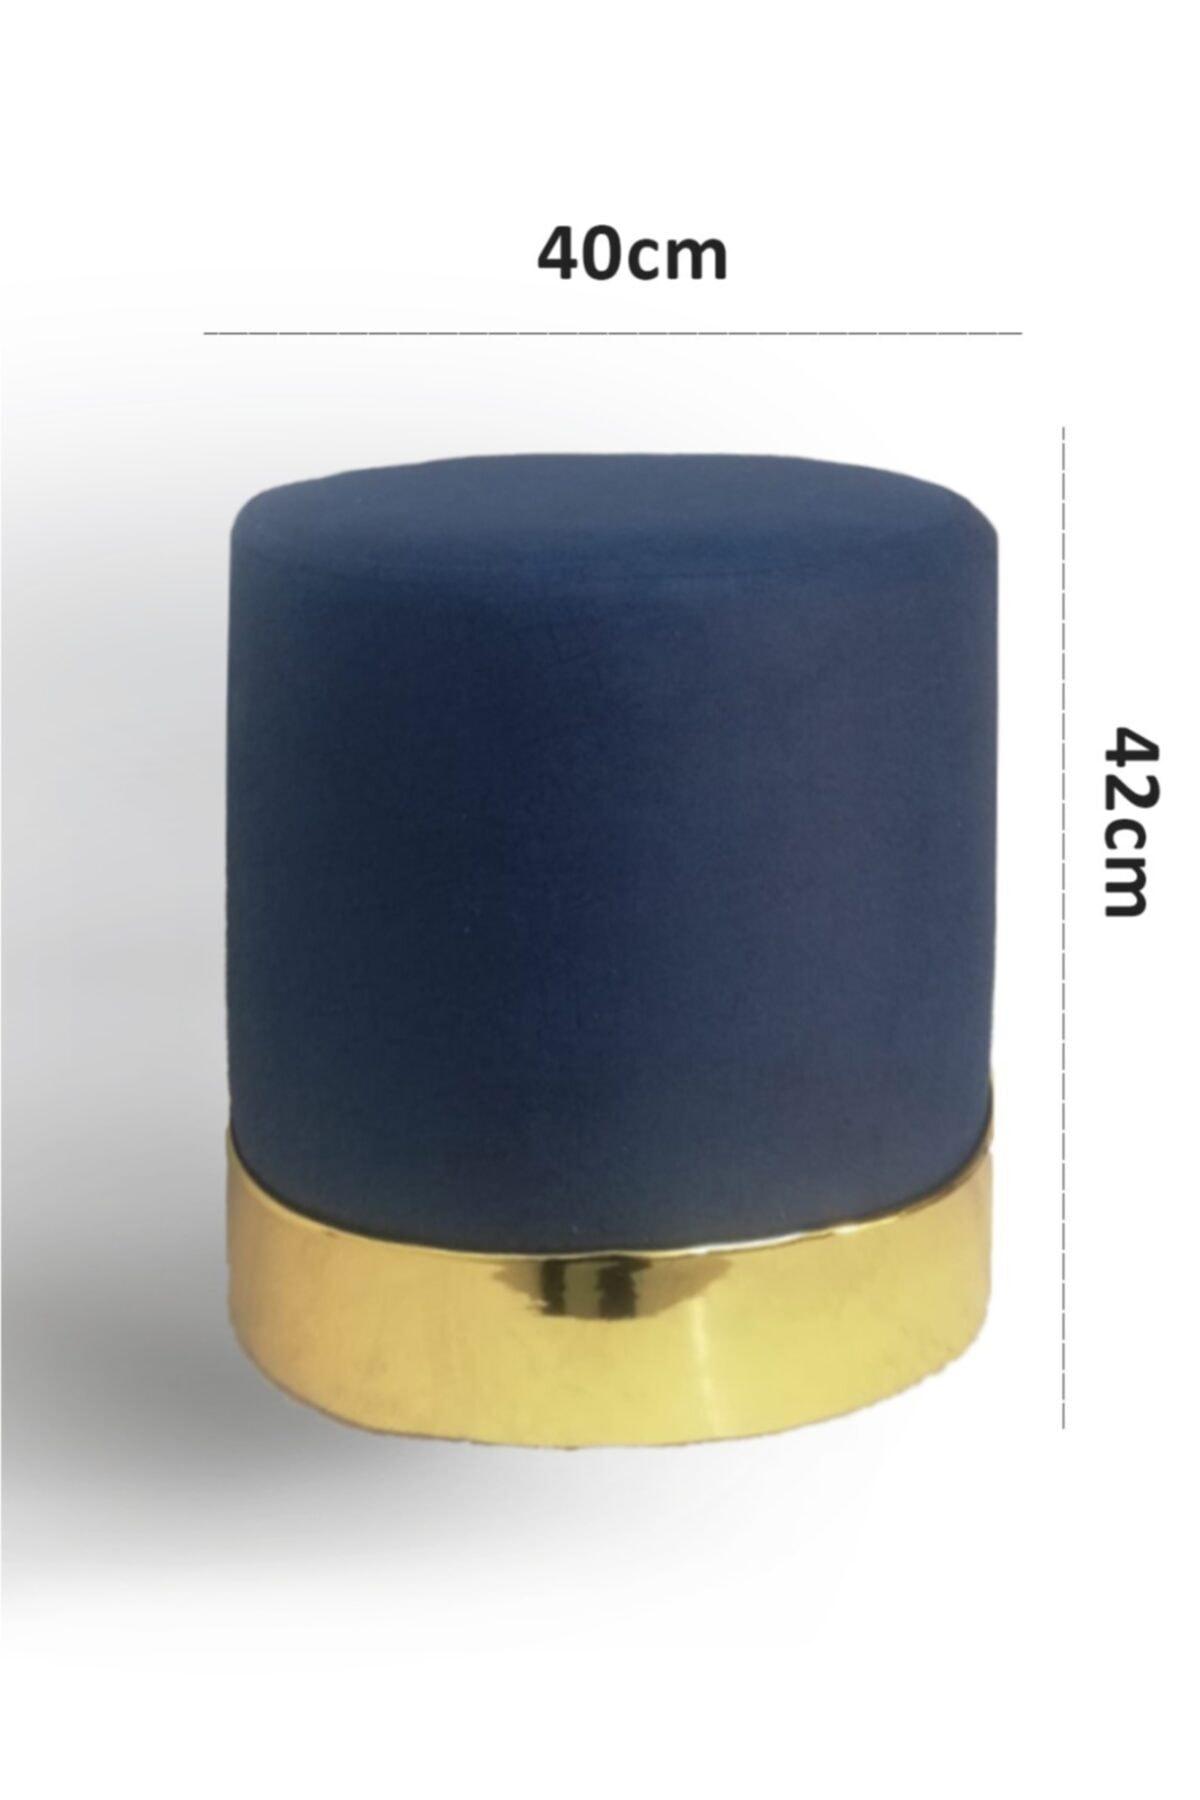 Zem Queen Blue - Gold Puf 2